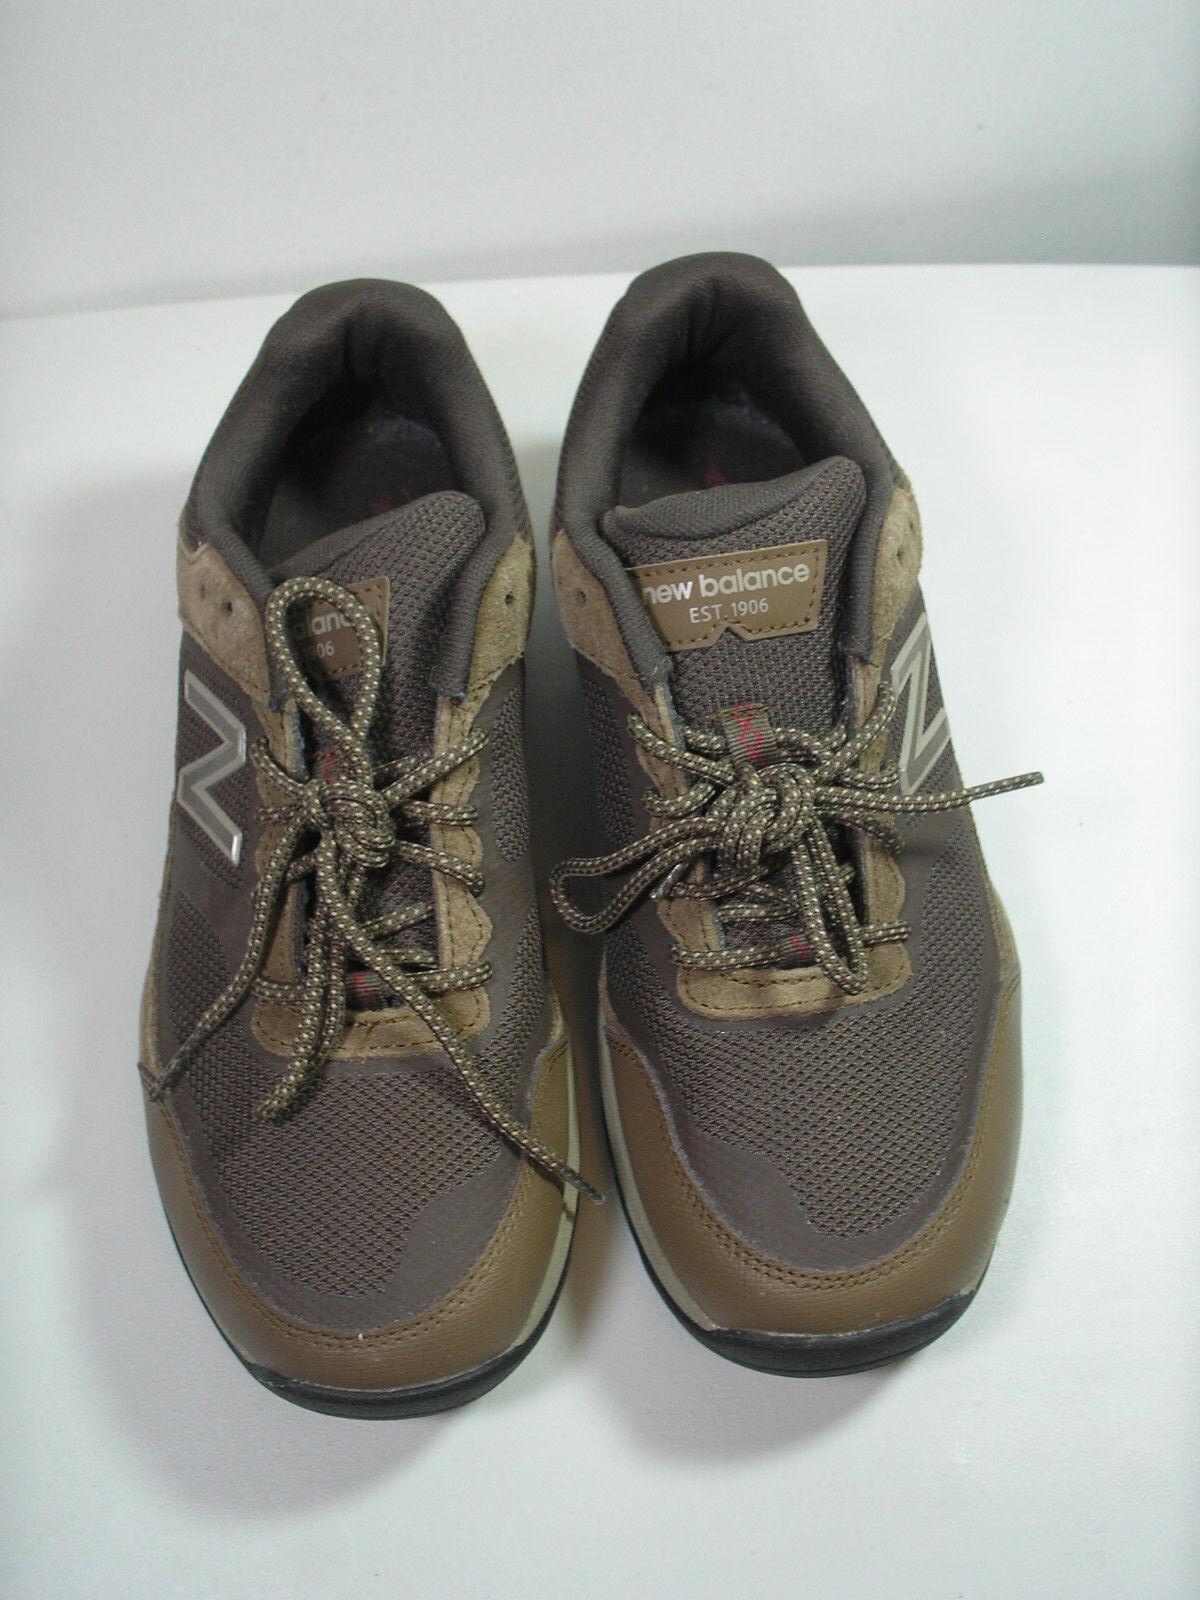 nouveau solde 669 Marron  la marche chaussures des chaussures marche de ran ée femmes taille moyen b largeur d'euc 9,5 3f60c7